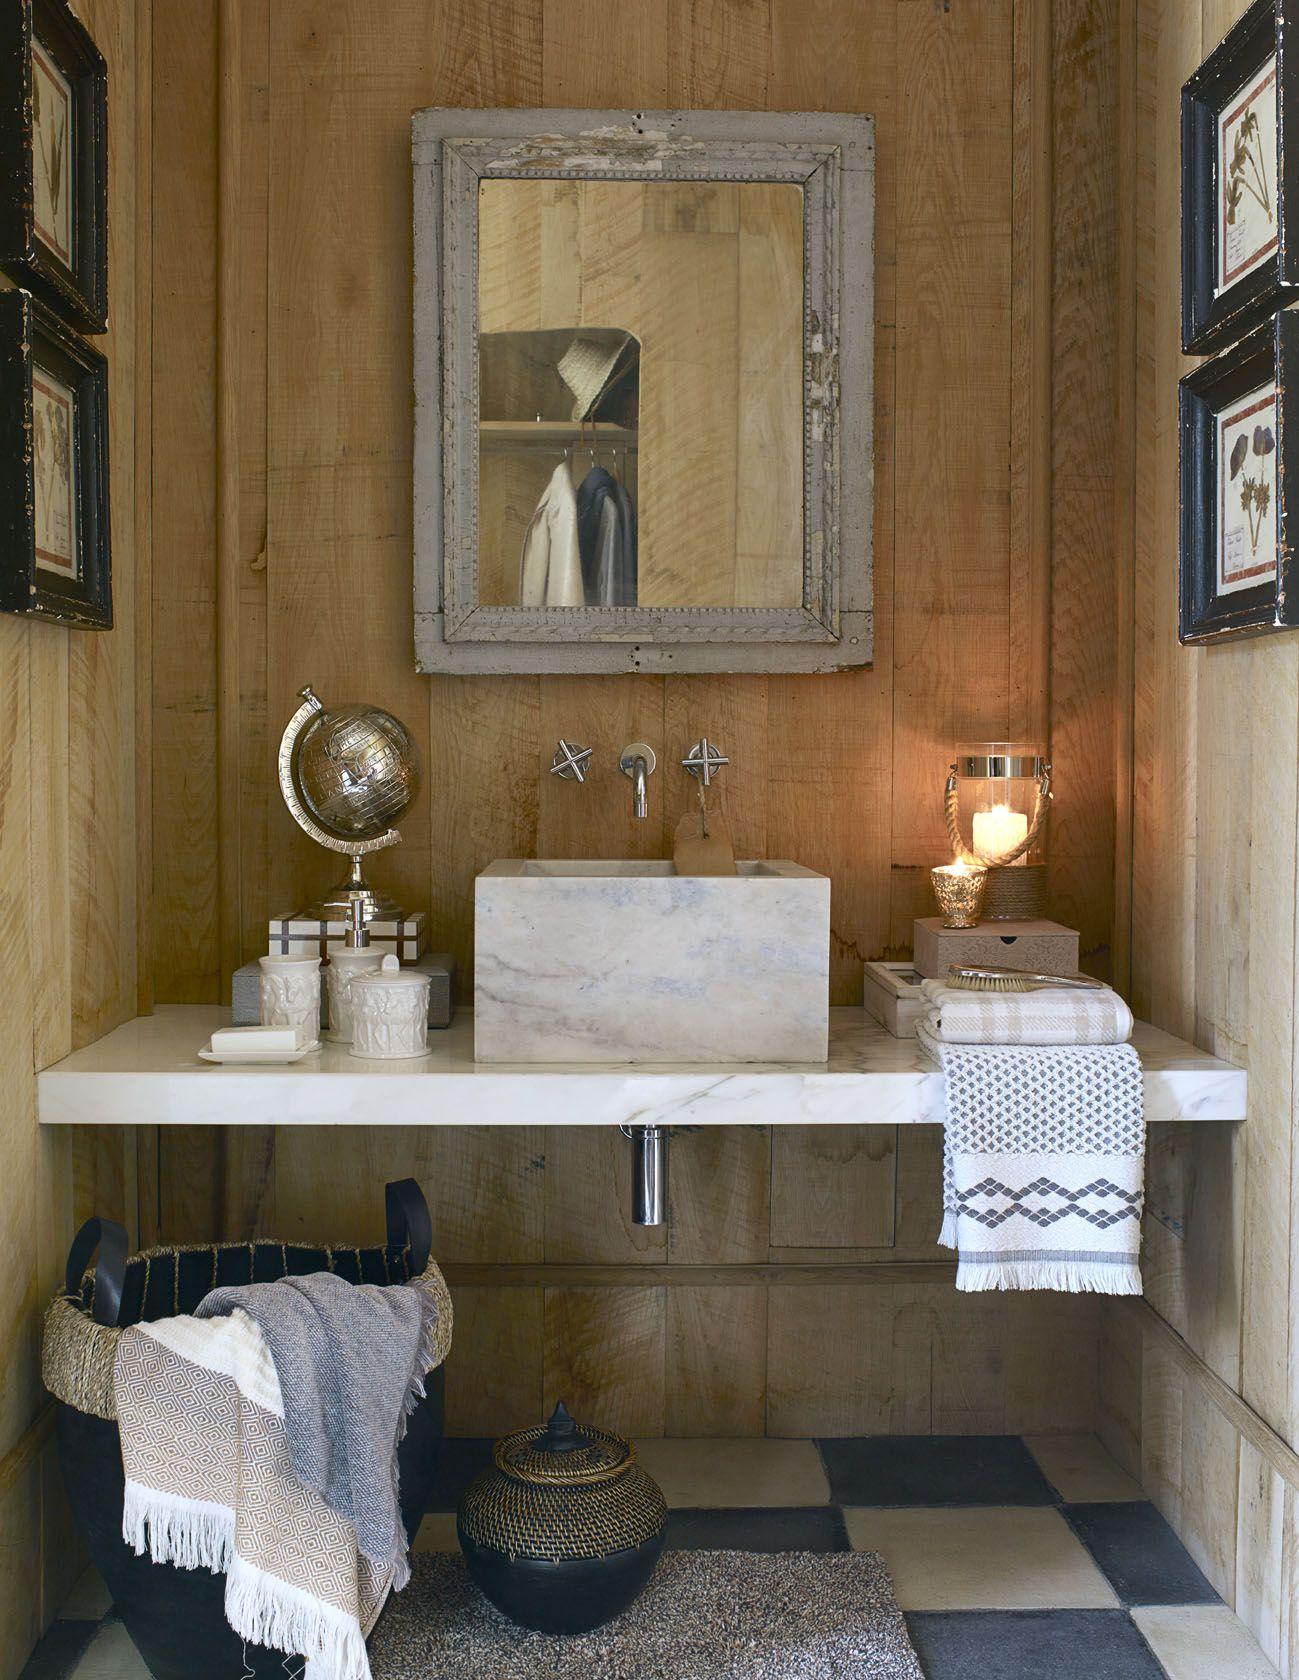 İlham Veren 14 Küçük Banyo Dekorasyon Önerisi